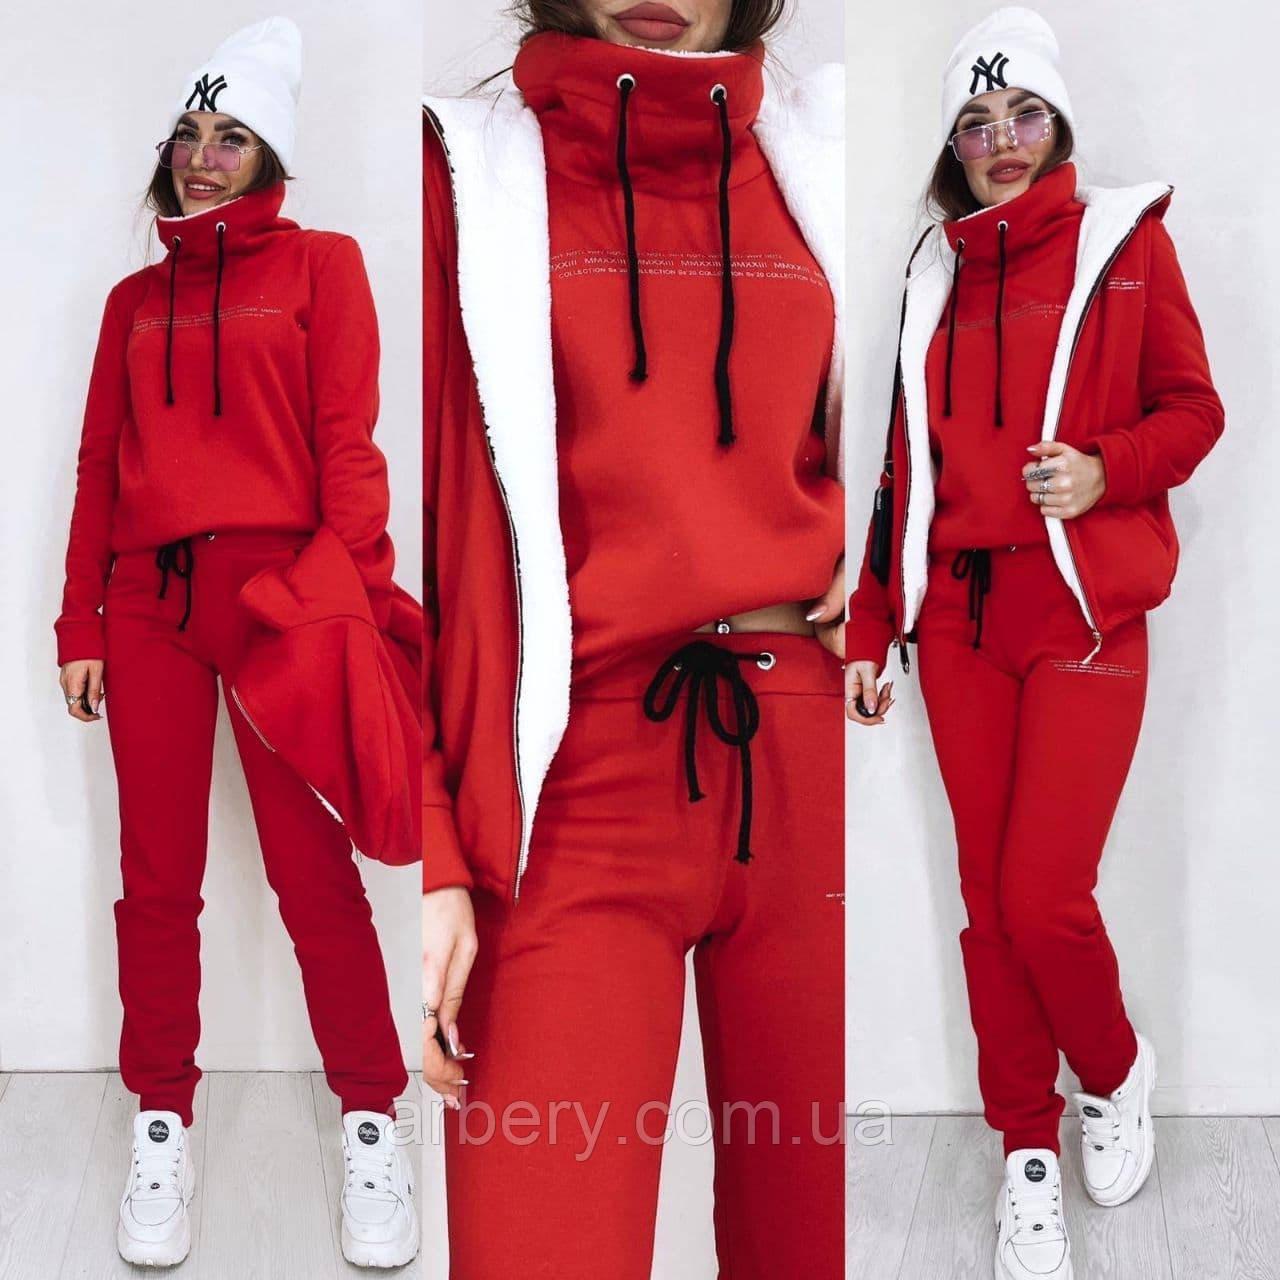 Женский спортивный костюм с начесом тройка